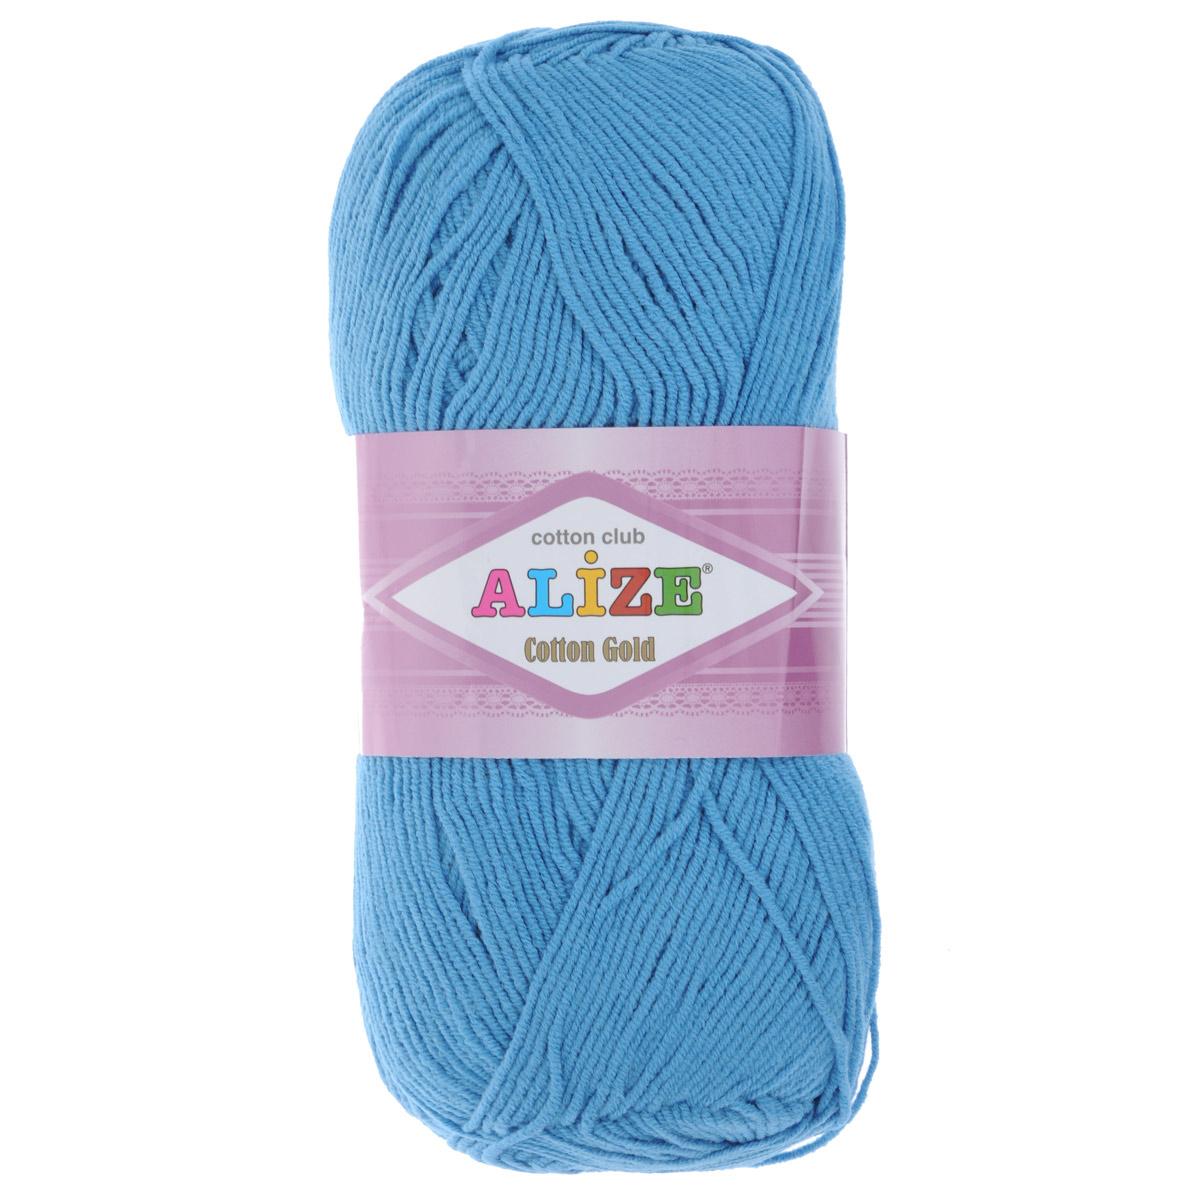 Пряжа для вязания Alize Cotton Gold, цвет: темно-голубой (245), 330 м, 100 г, 5 шт697548_245Пряжа для вязания Alize Cotton Gold - это классическая демисезонная пряжа из хлопка с акрилом. Данная пряжа отлично подойдет для изделий осень-весна. Также подходит для вязания летних вещей взрослым и детям. Мягкая и бархатистая на ощупь. Полотно получается пластичным, мягким, все переплетения ровные. Состав: 55% хлопок, 45% акрил. Рекомендуемый размер спиц: №3,5 - 5. Рекомендуемый размер крючка: №2 - 4.